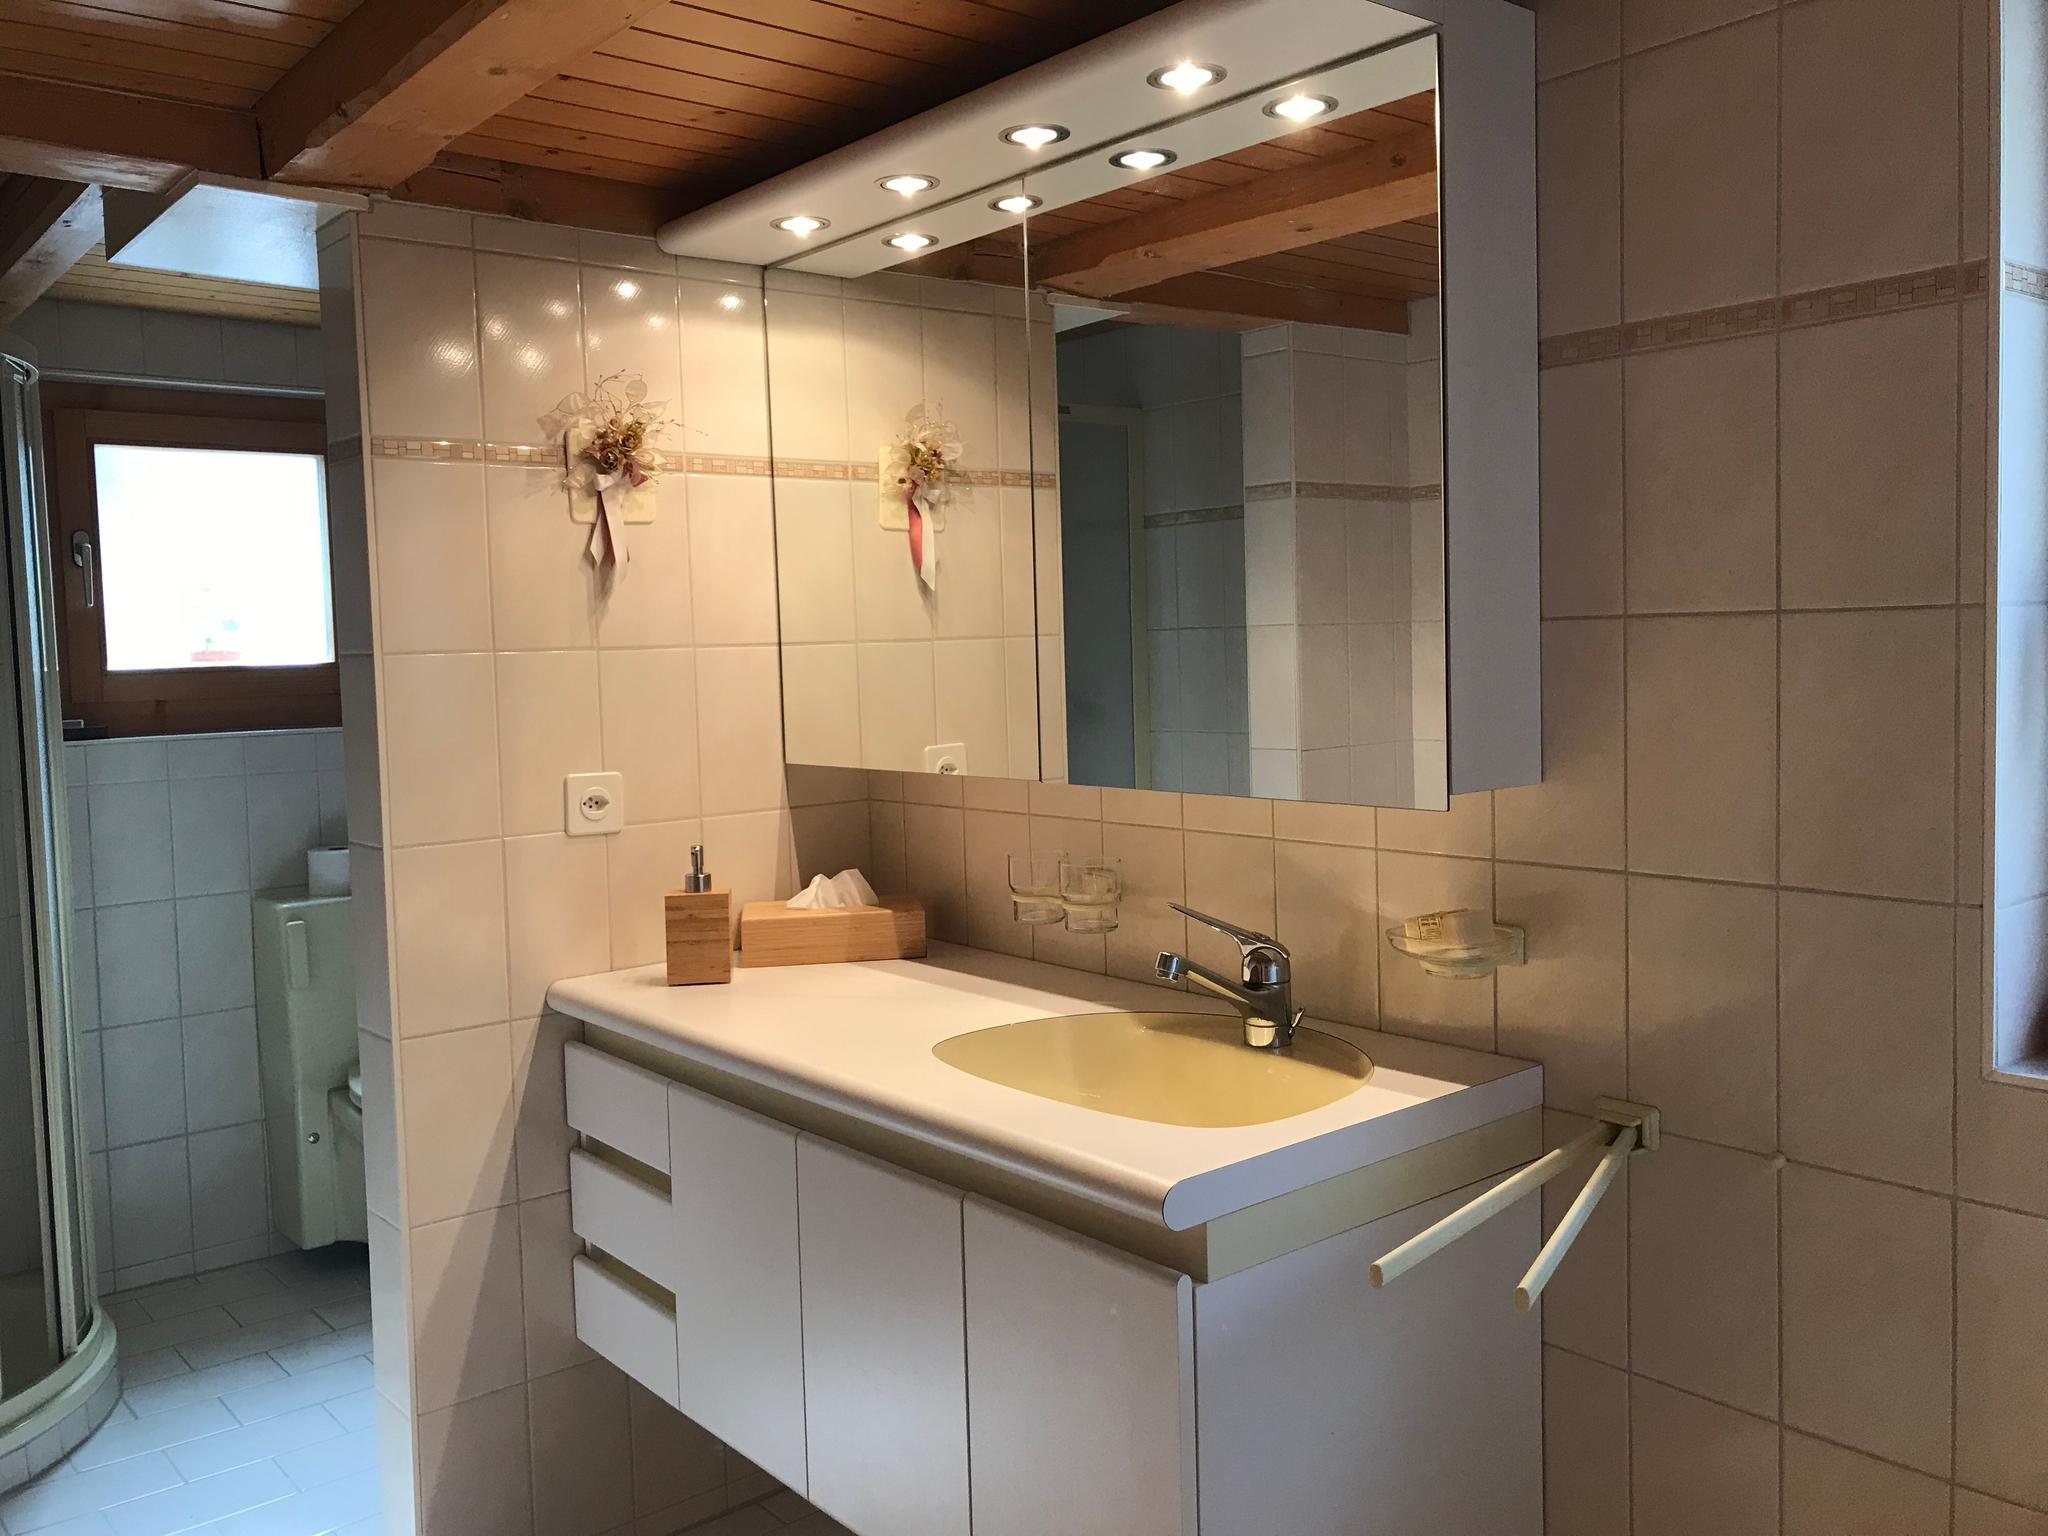 Appartement de vacances Chalet Alpenblick 4-Bett Wohnung Obj. M6008 (2652060), Mürren, Région de la Jungfrau, Oberland bernois, Suisse, image 18